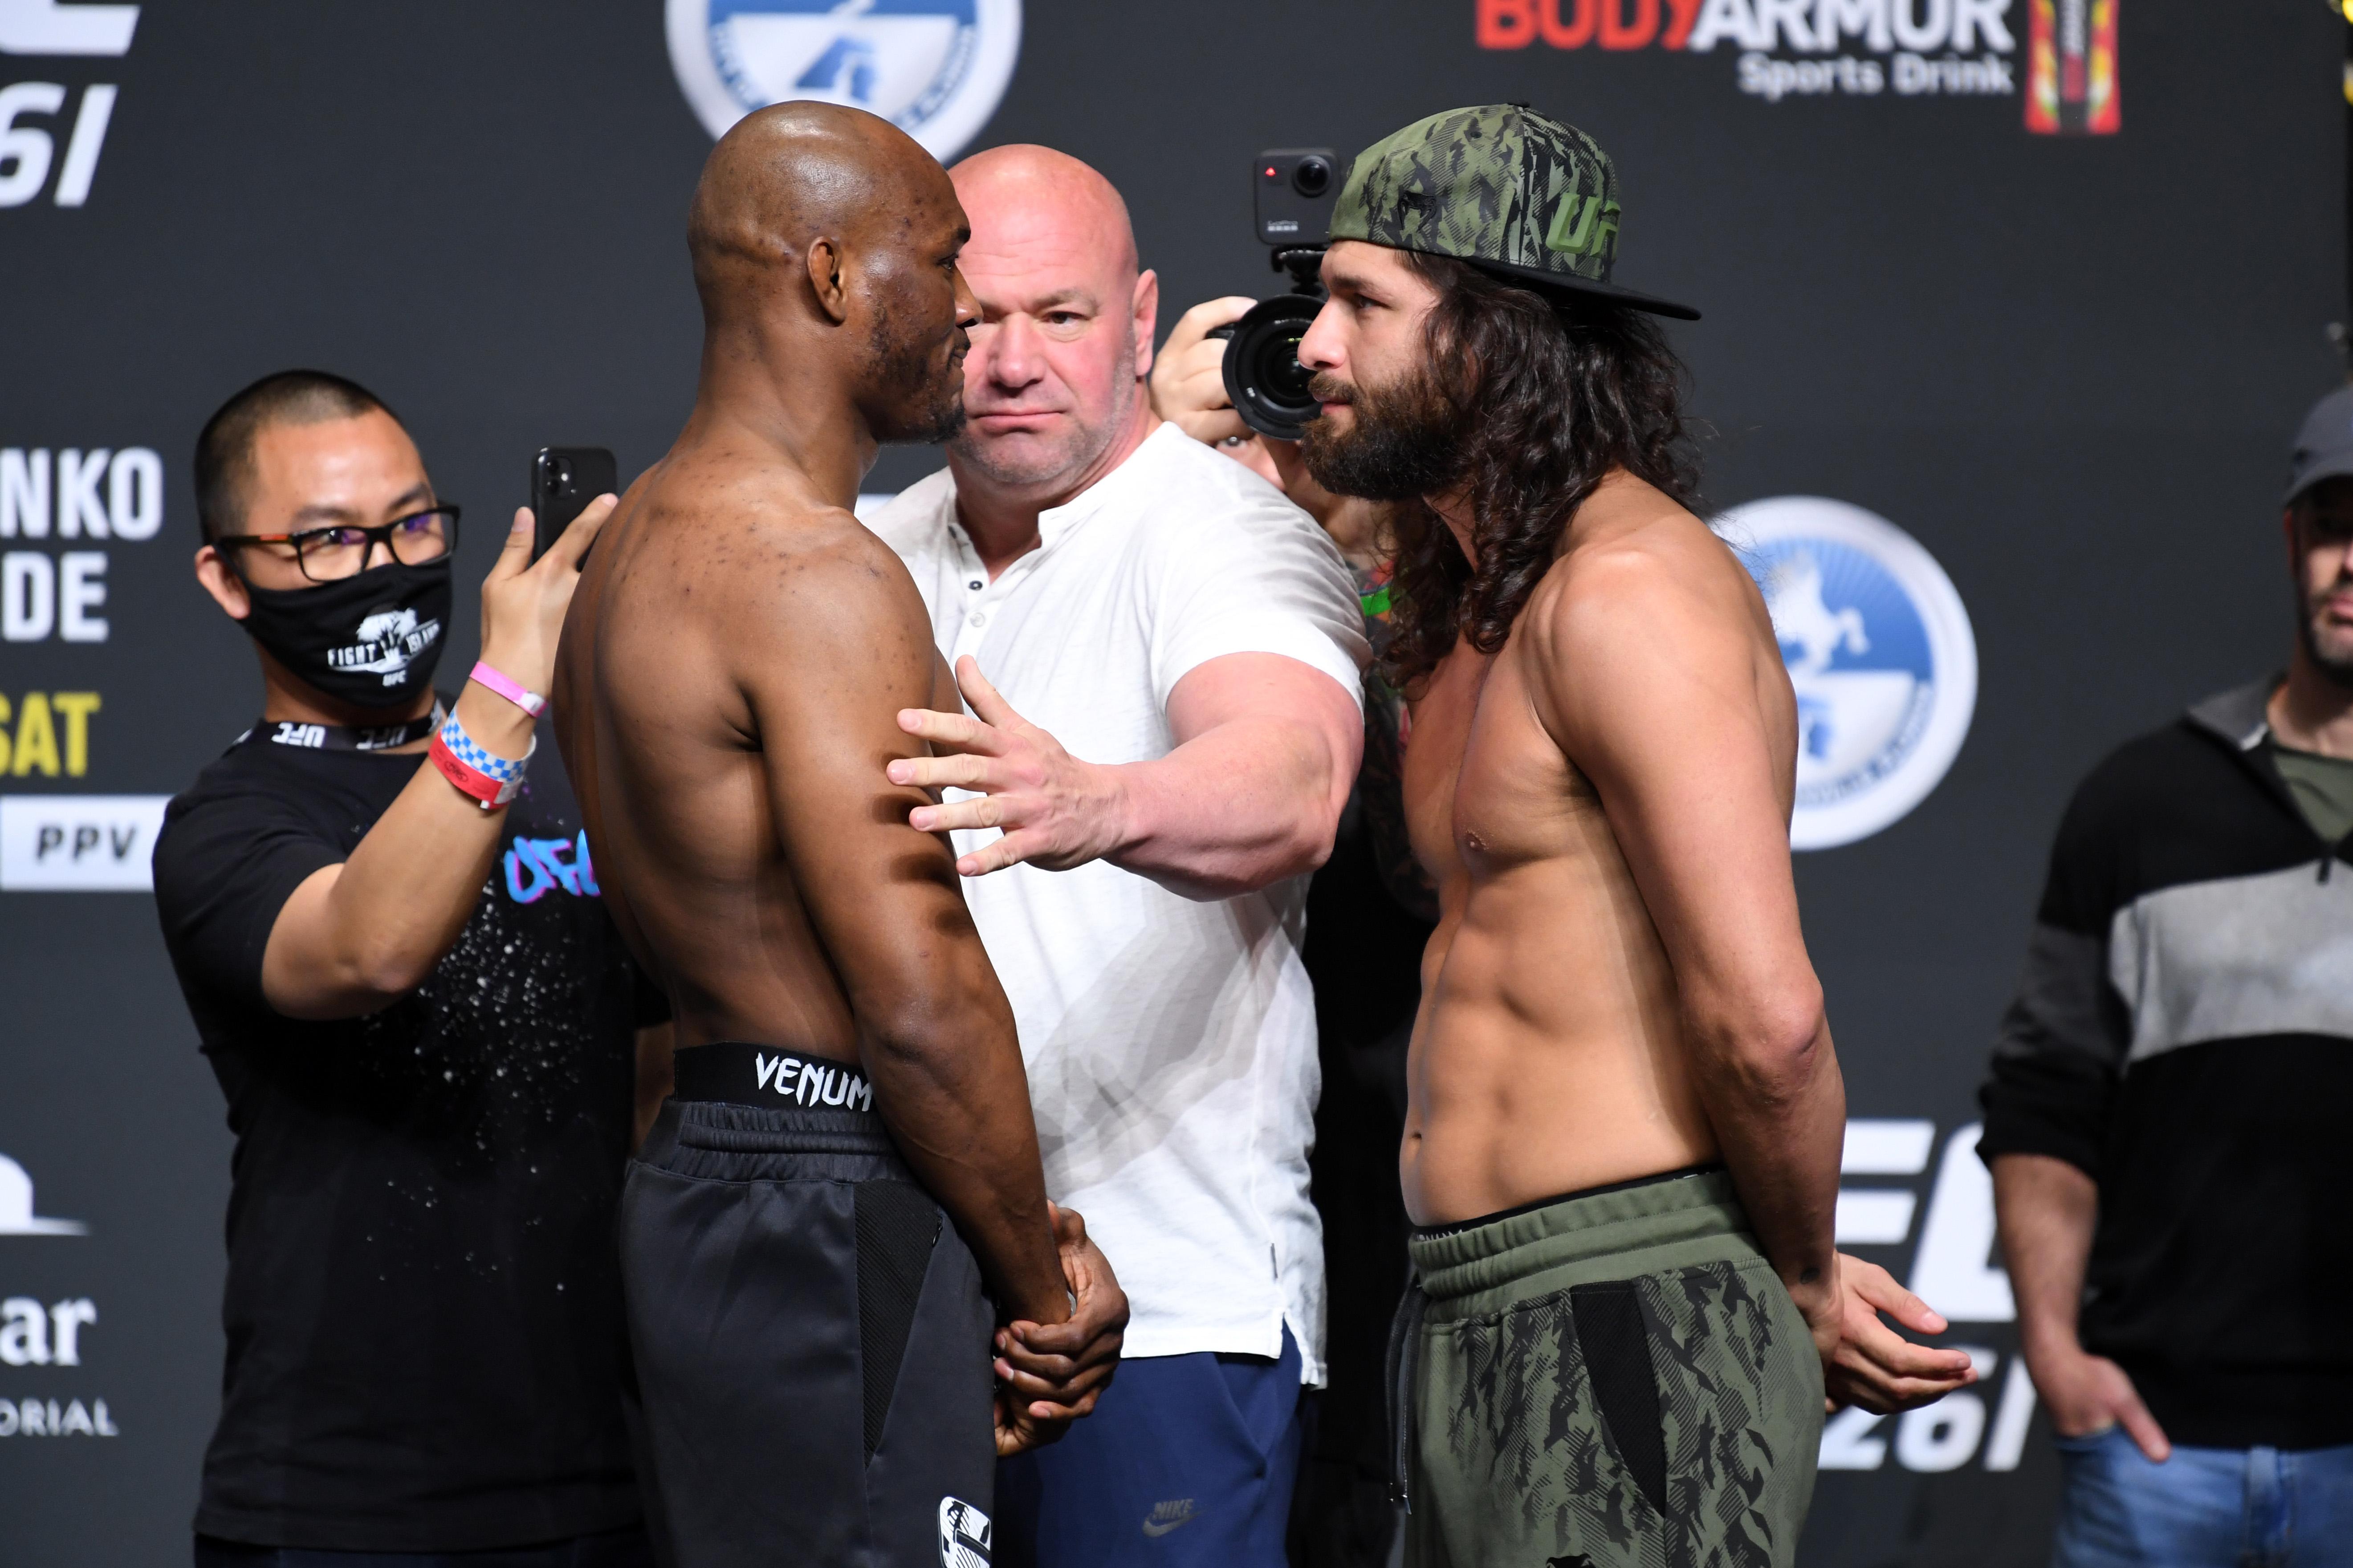 在UFC 261的Kamaru Usman和Jorge Masvidal